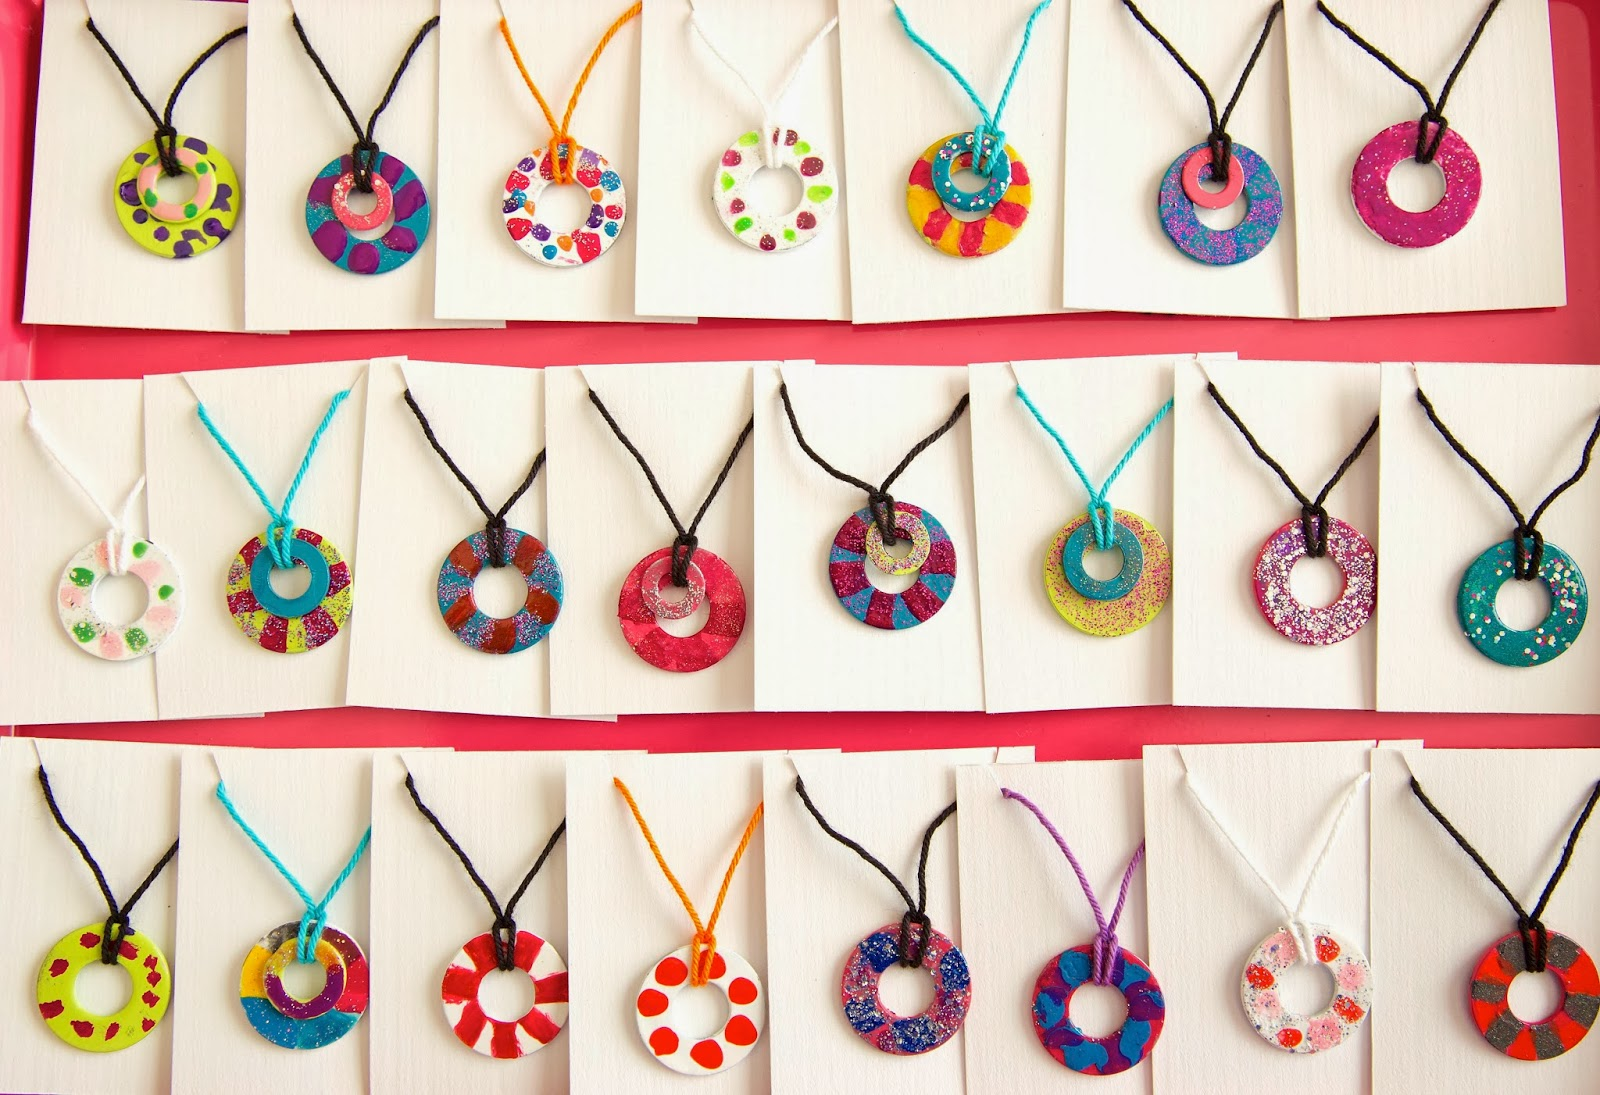 Holly S Arts And Crafts Corner Craft Project Diy Nail Polish